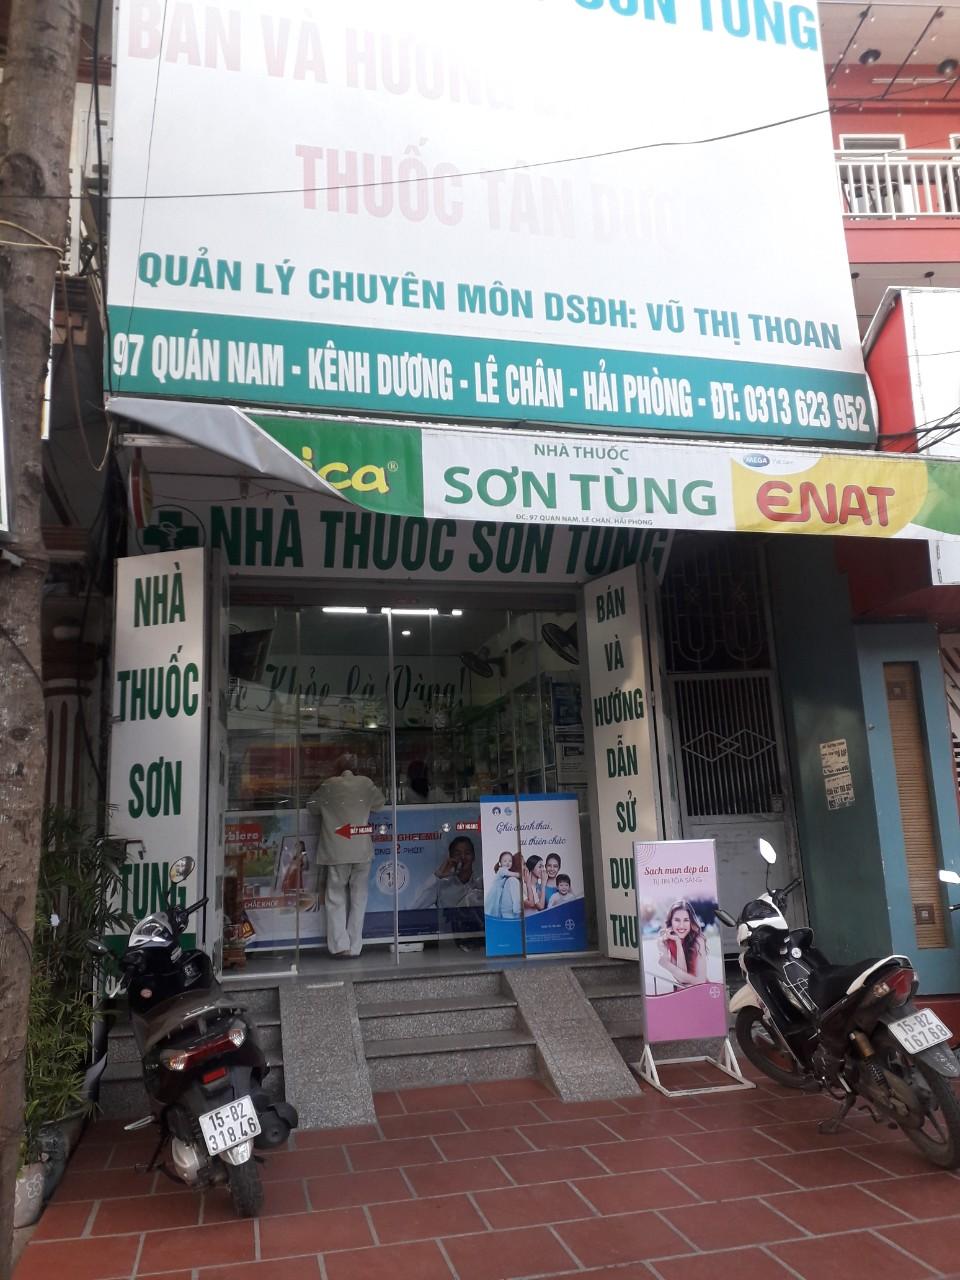 NT Sơn Tùng